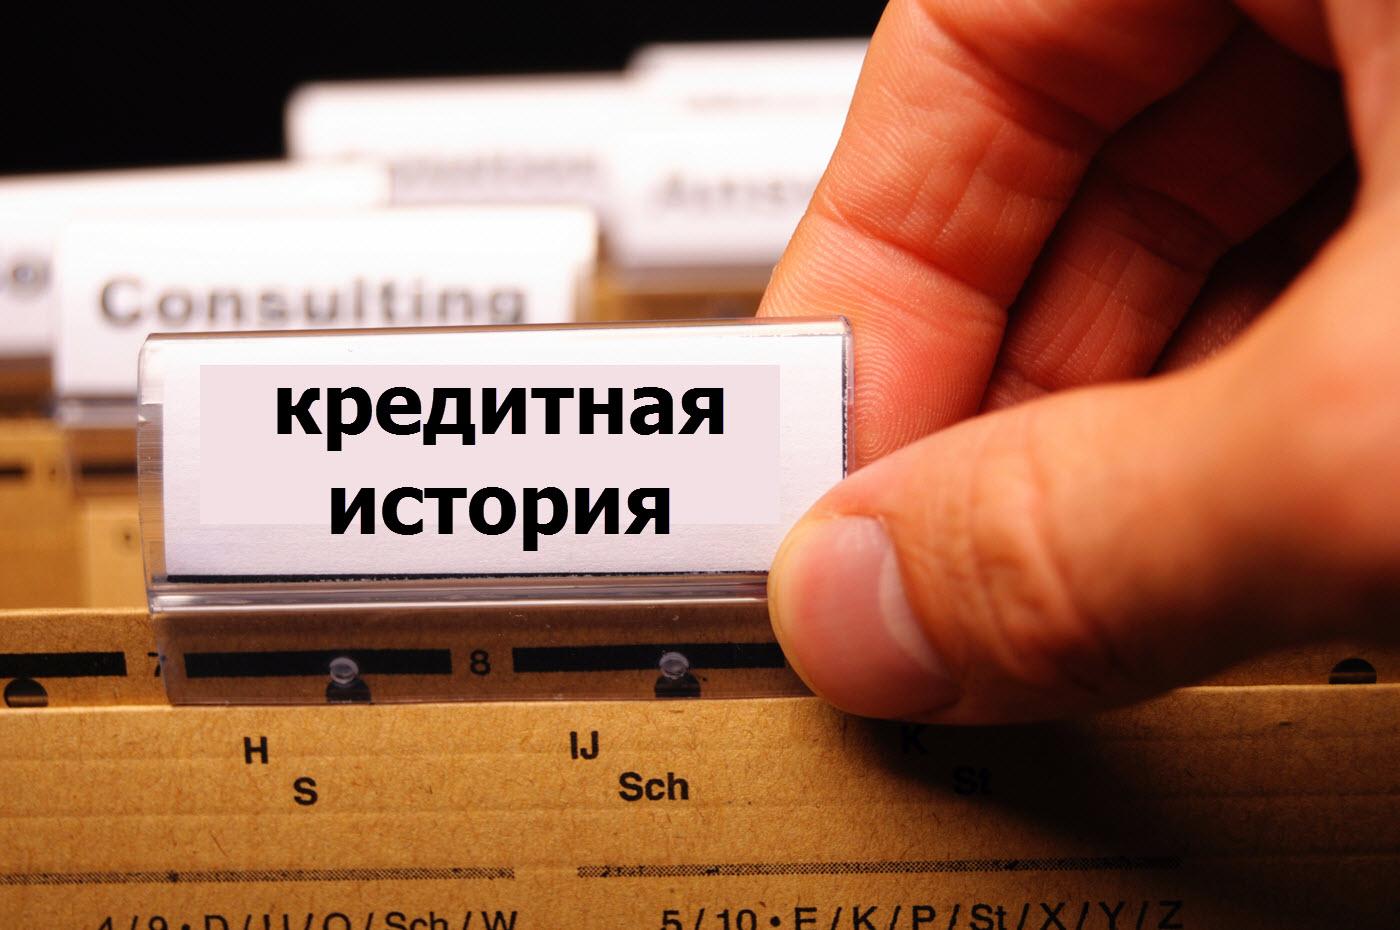 Присваивать персональный кредитный рейтинг планируют россиянам